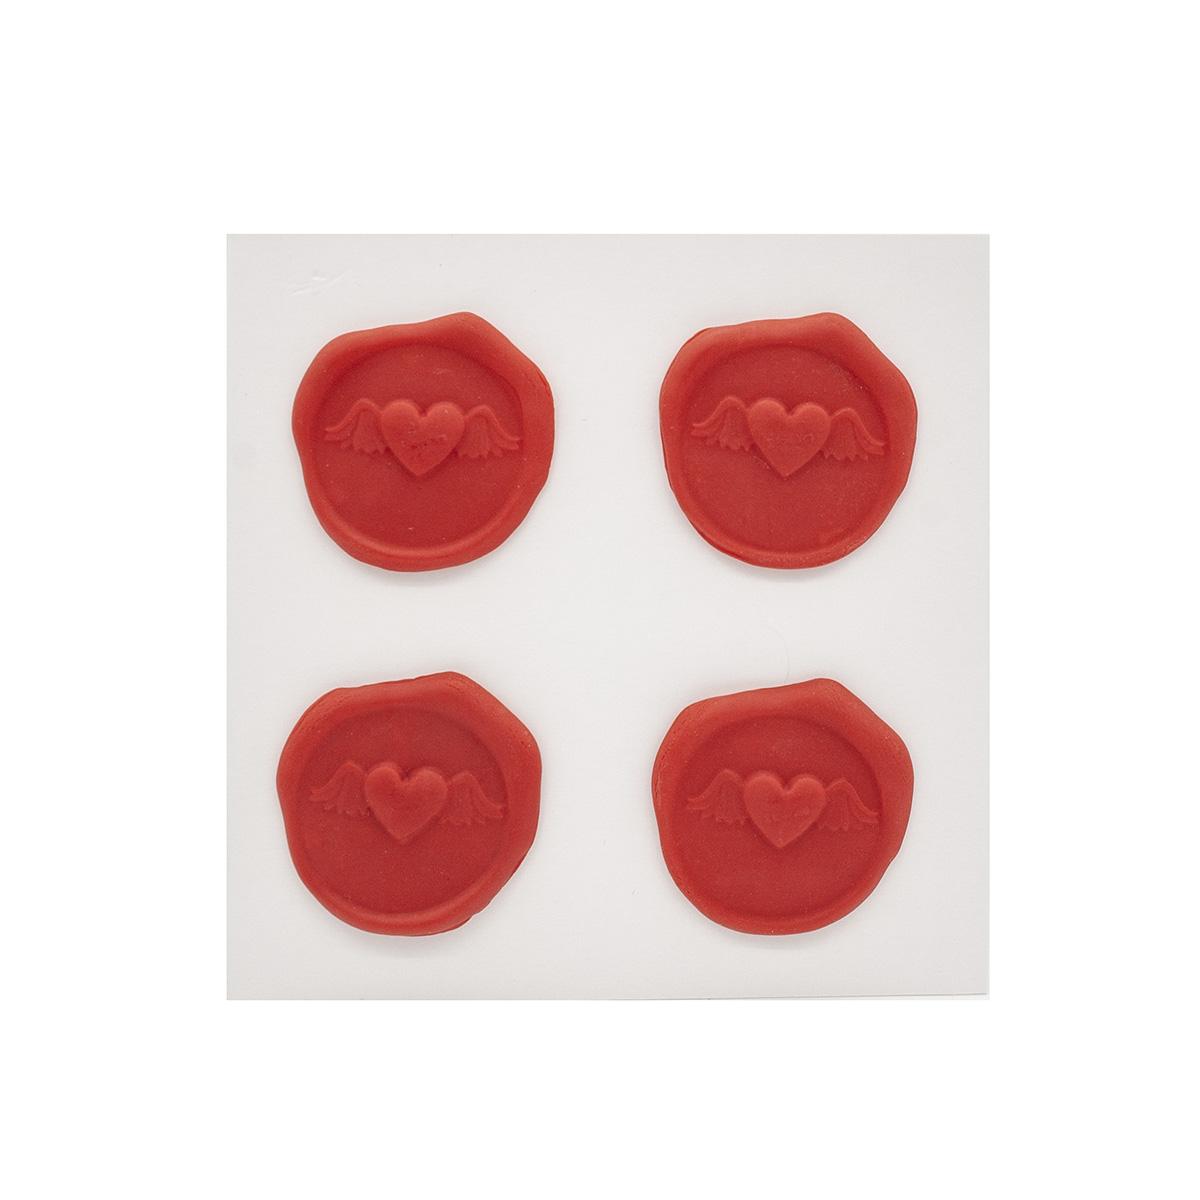 Оттиски печатей из полимерной глины 'Сердце' 30*35мм,